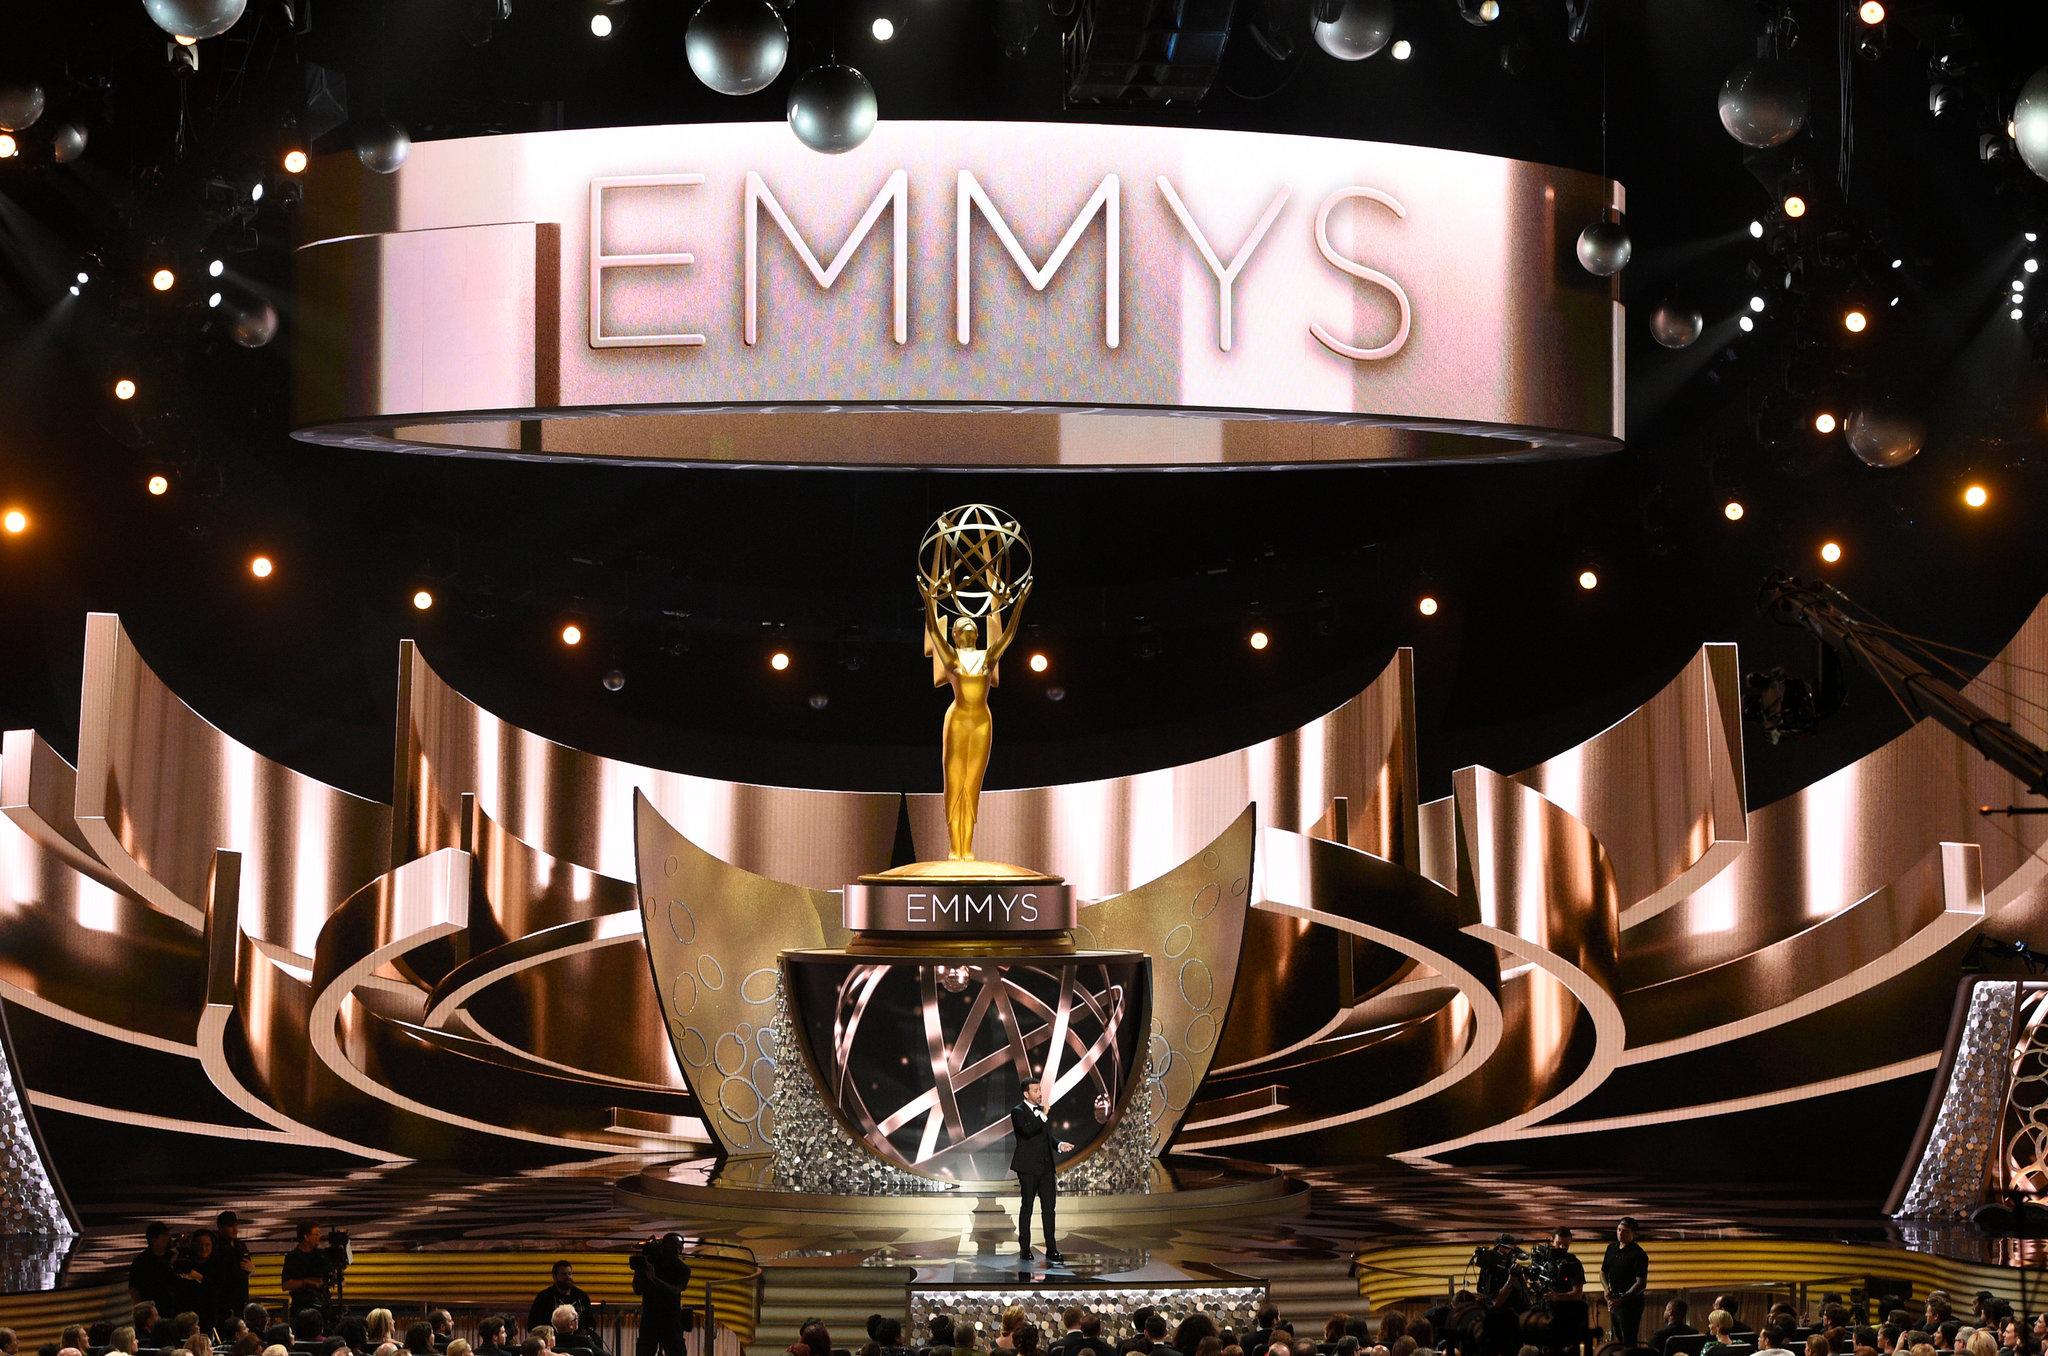 گزارشی کامل از مراسم اهدای جوایز امی ۲۰۱۶